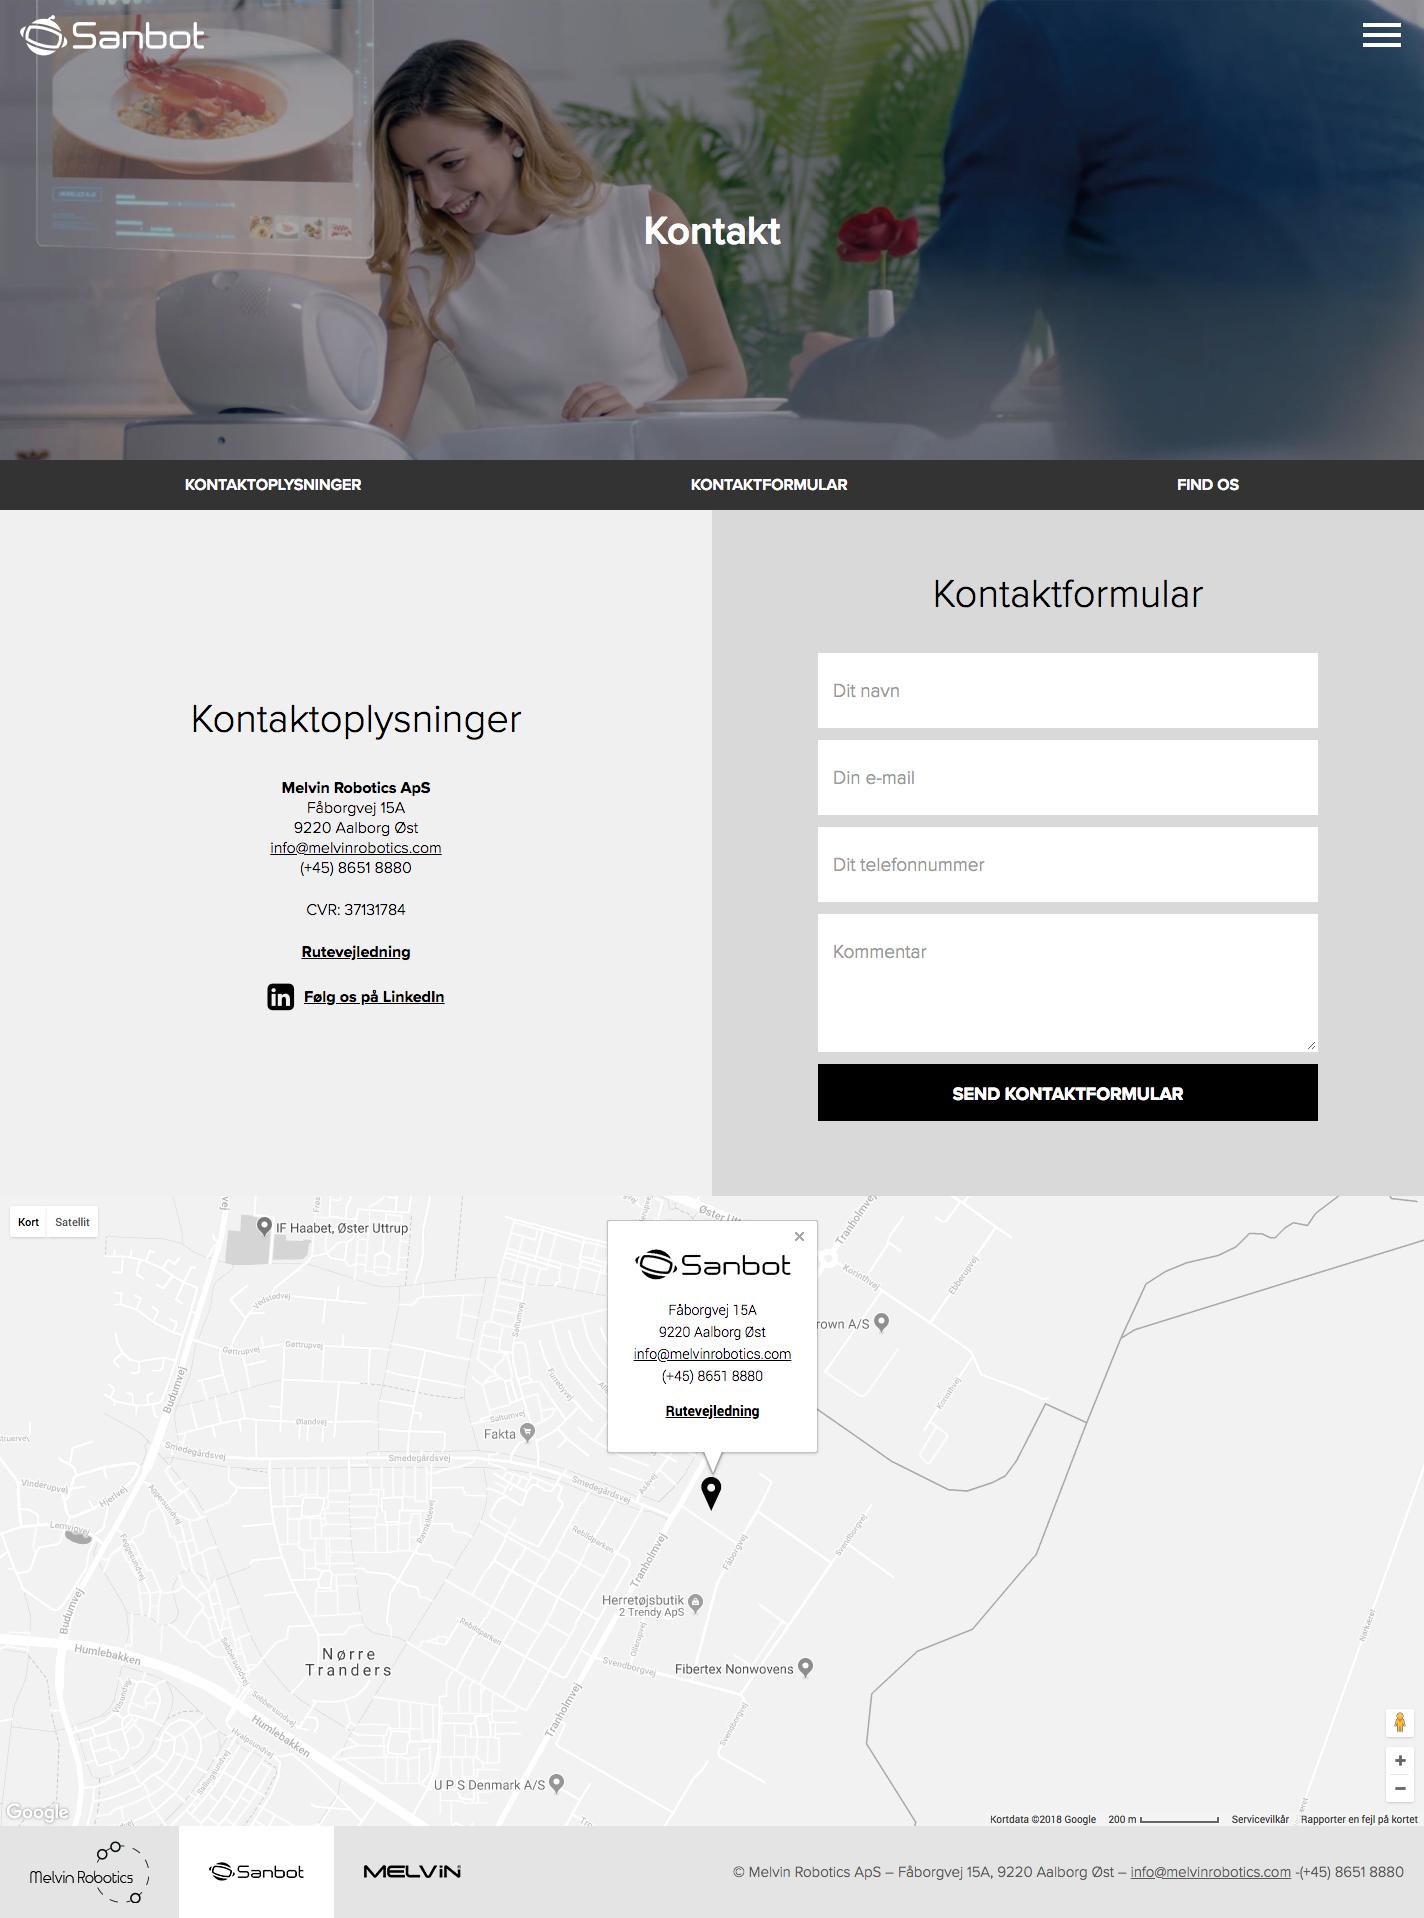 screencapture-sanbot-dk-kontakt-2018-05-18-13_28_32.png